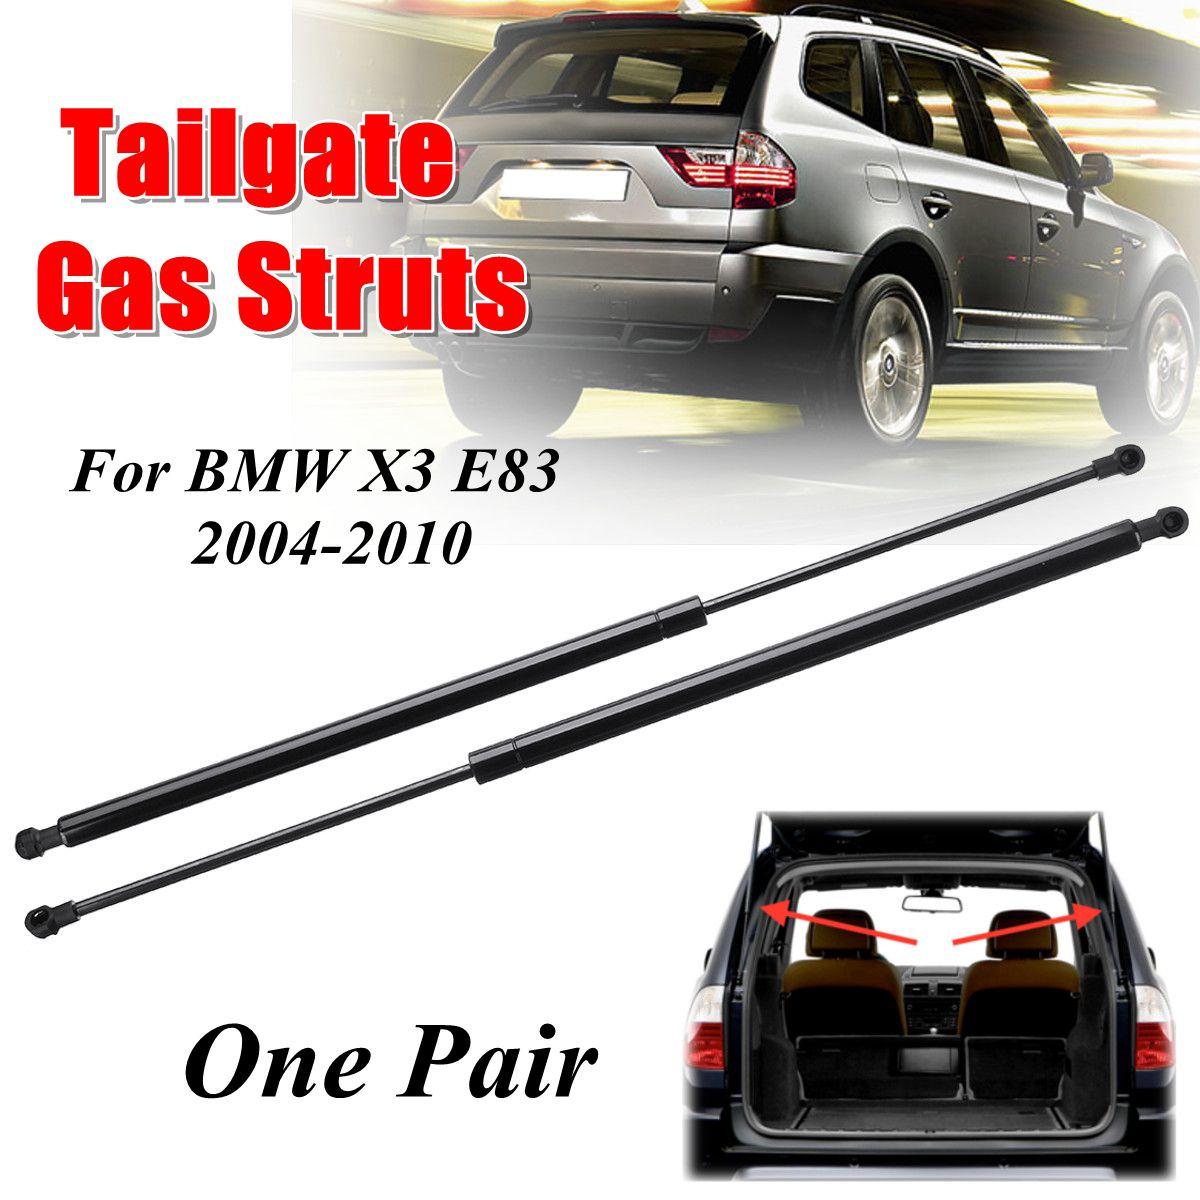 2pcs Car Rear Tailgate Truck Boot Gas Struts Support For BMW X3 E83 2004-2010 512434003792pcs Car Rear Tailgate Truck Boot Gas Struts Support For BMW X3 E83 2004-2010 51243400379